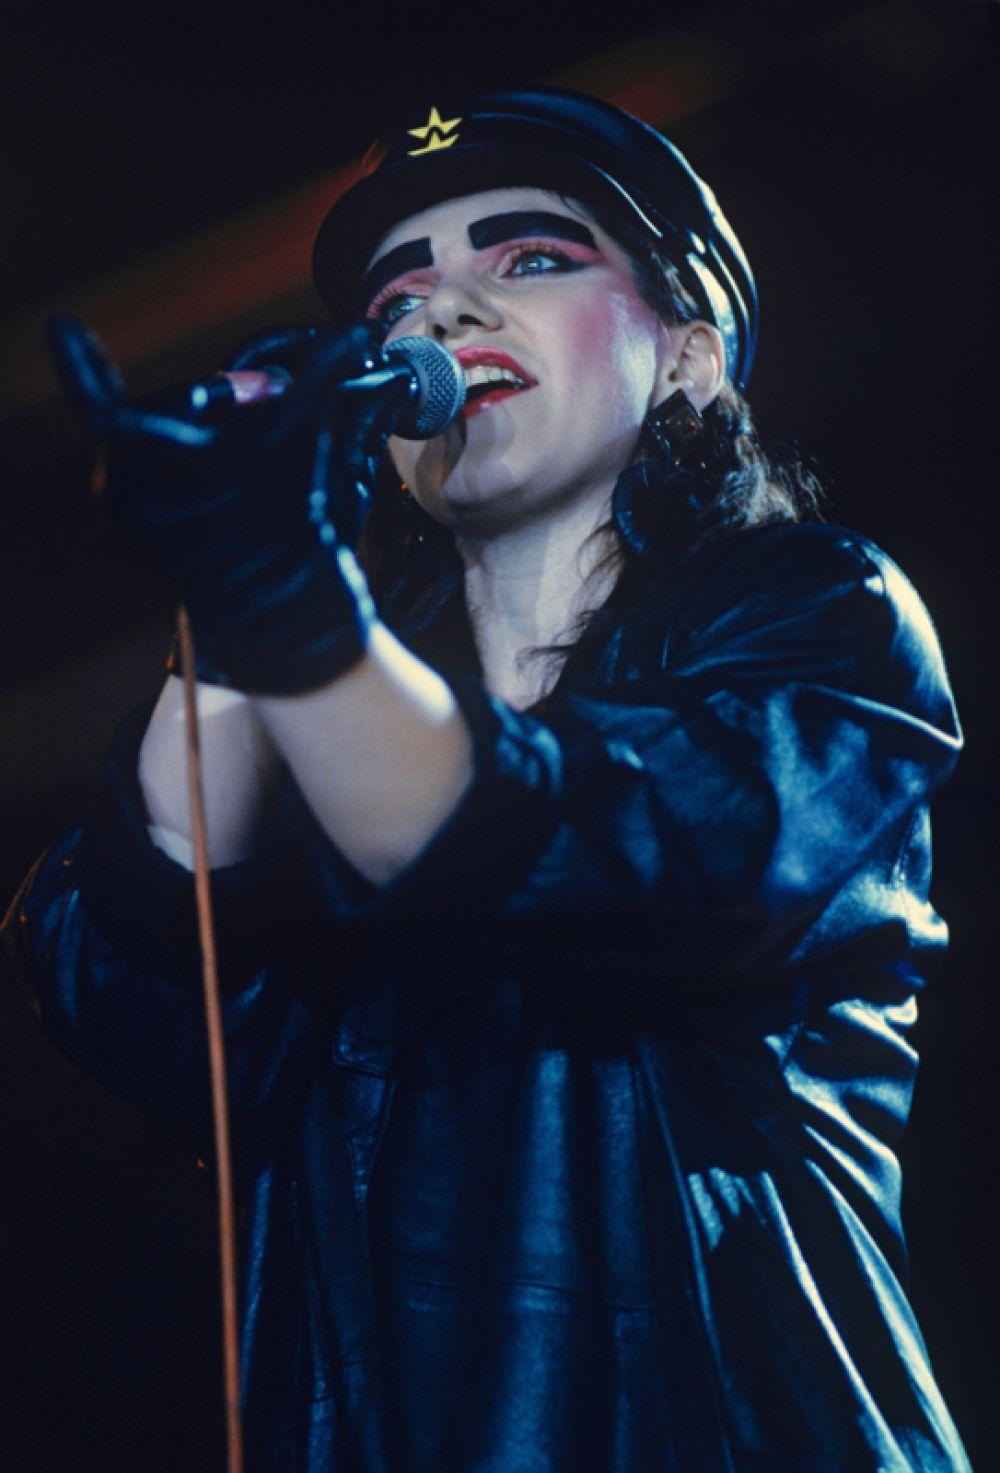 Певица Жанна Агузарова во время международного рок-фестиваля в Лужниках в Москве, 1989 год.